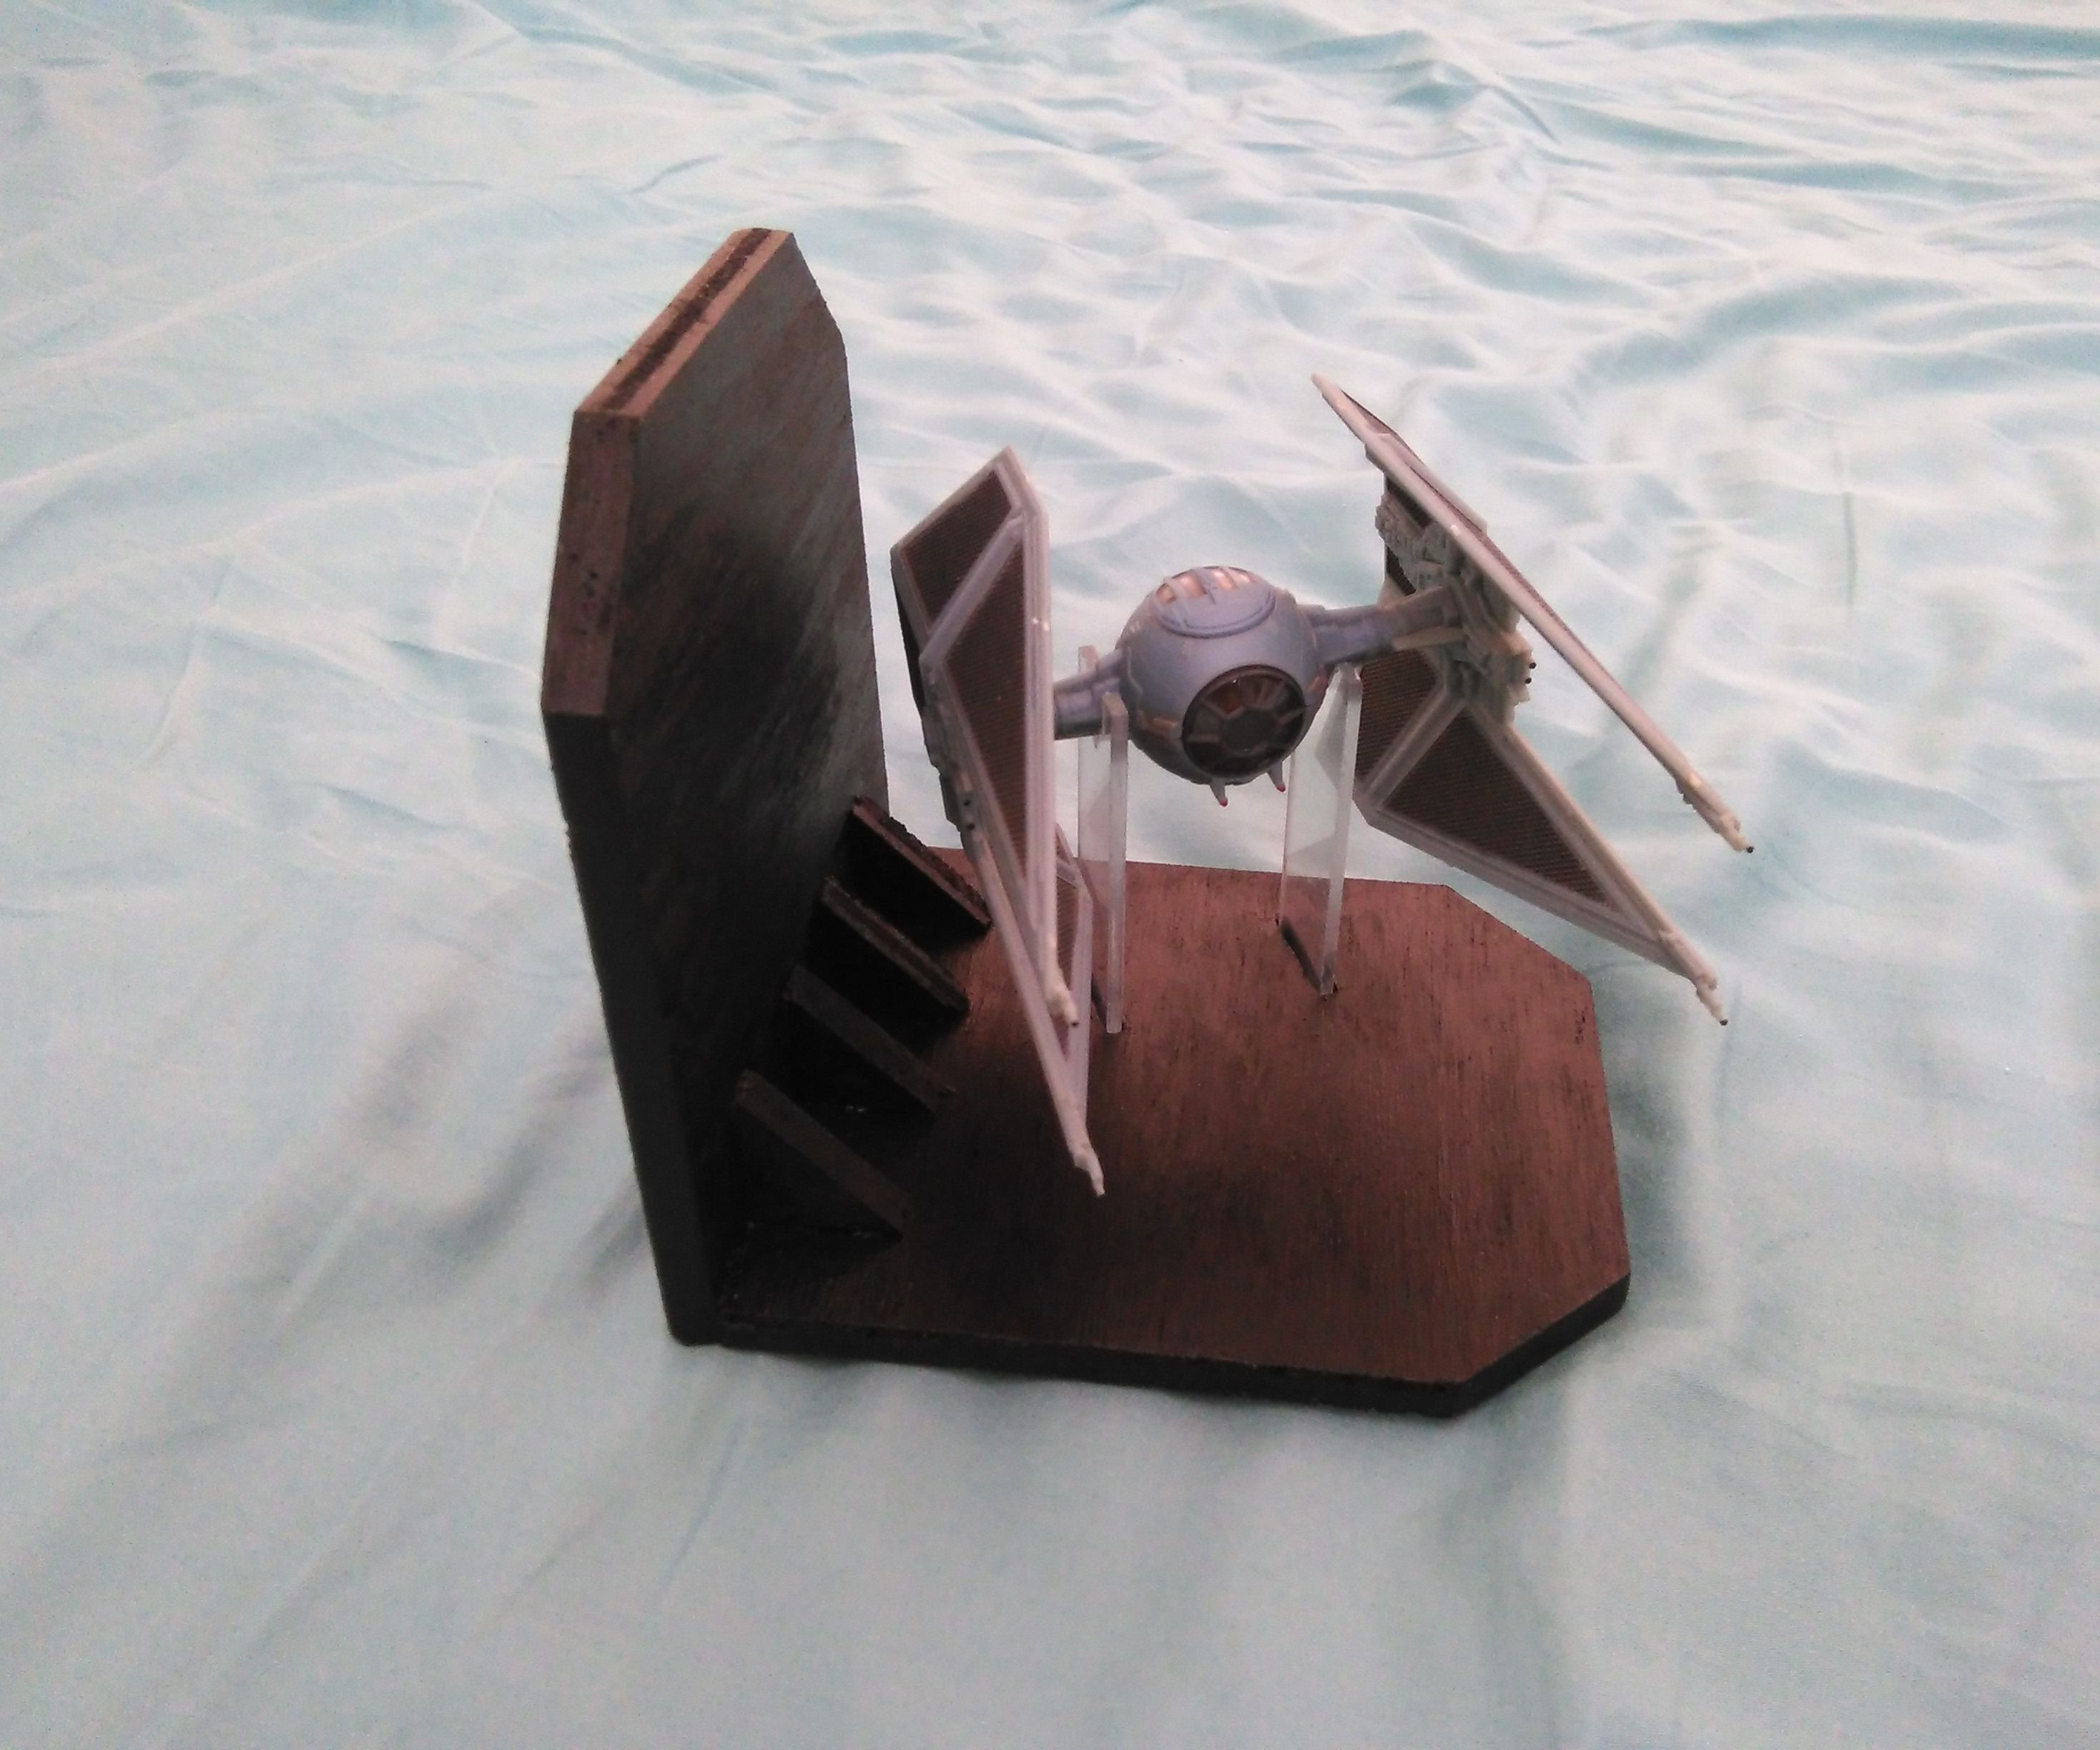 Bookend - Tie Interceptor